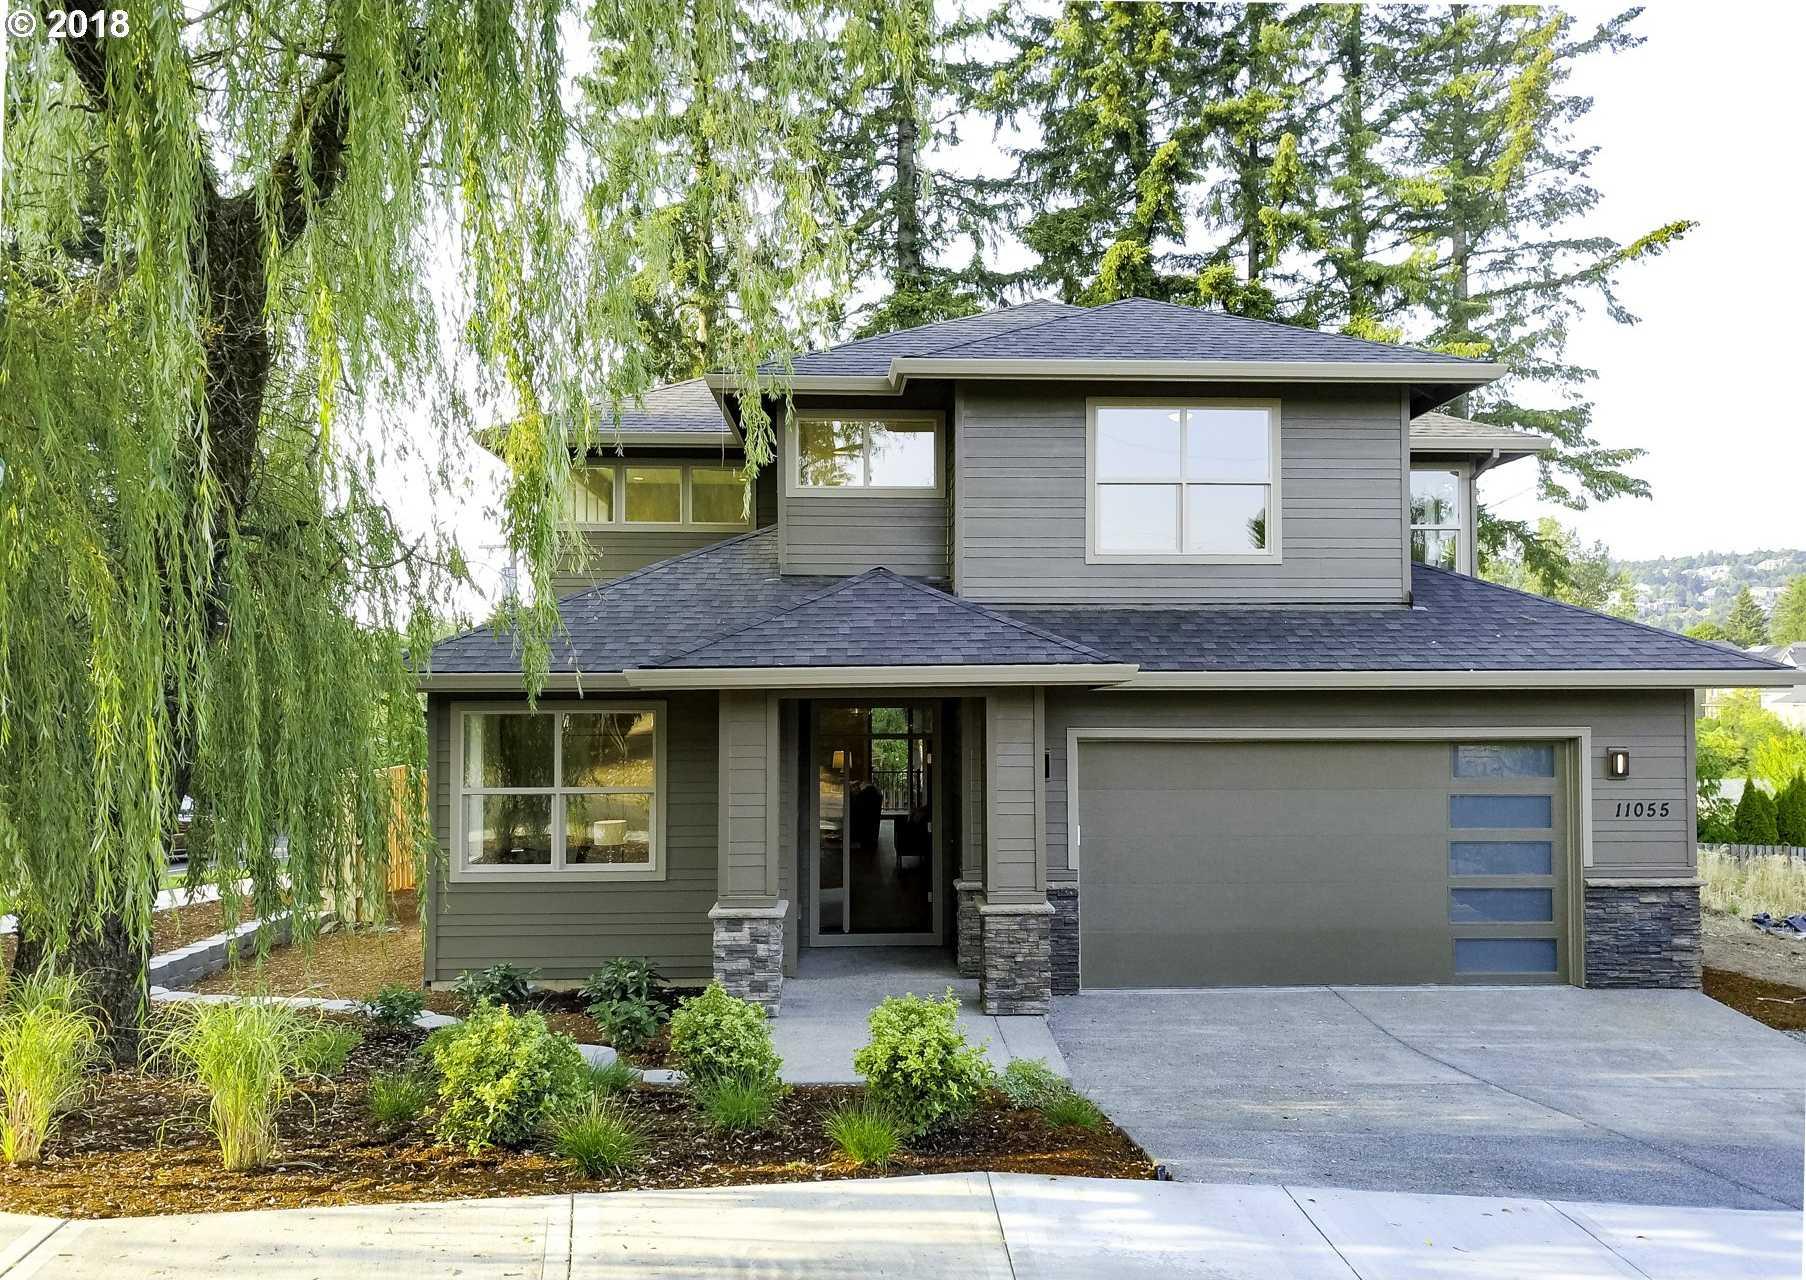 $819,950 - 4Br/3Ba -  for Sale in Bonny Slope, Portland